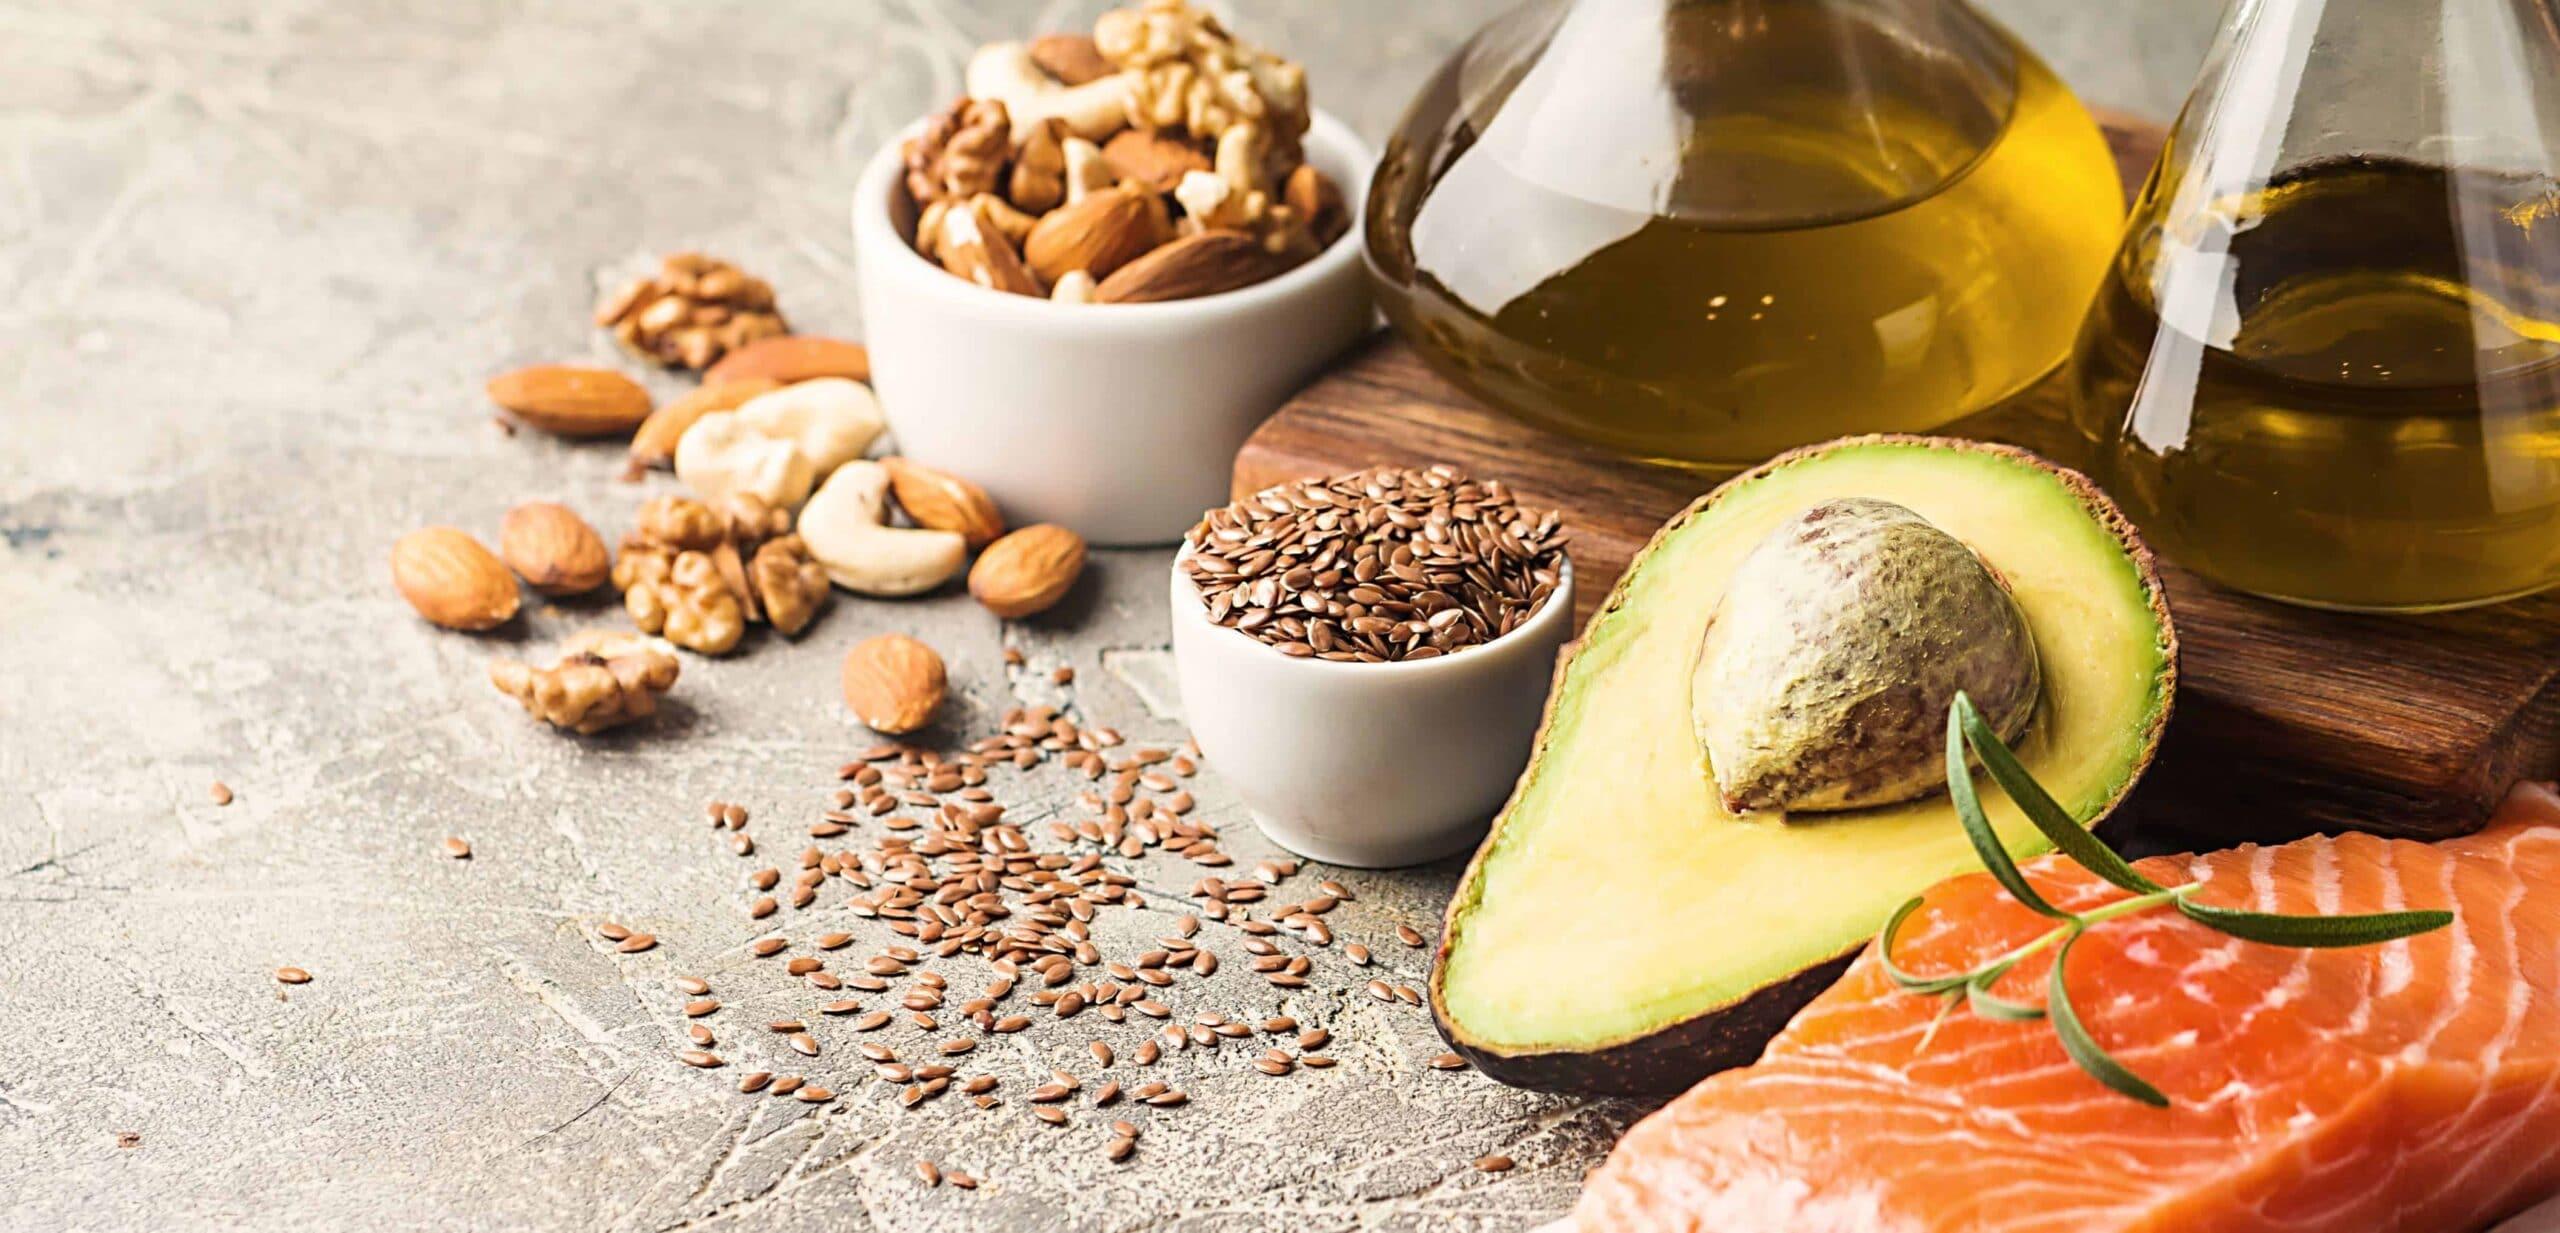 dieta ipercalorica cosa mangiare per prendere peso